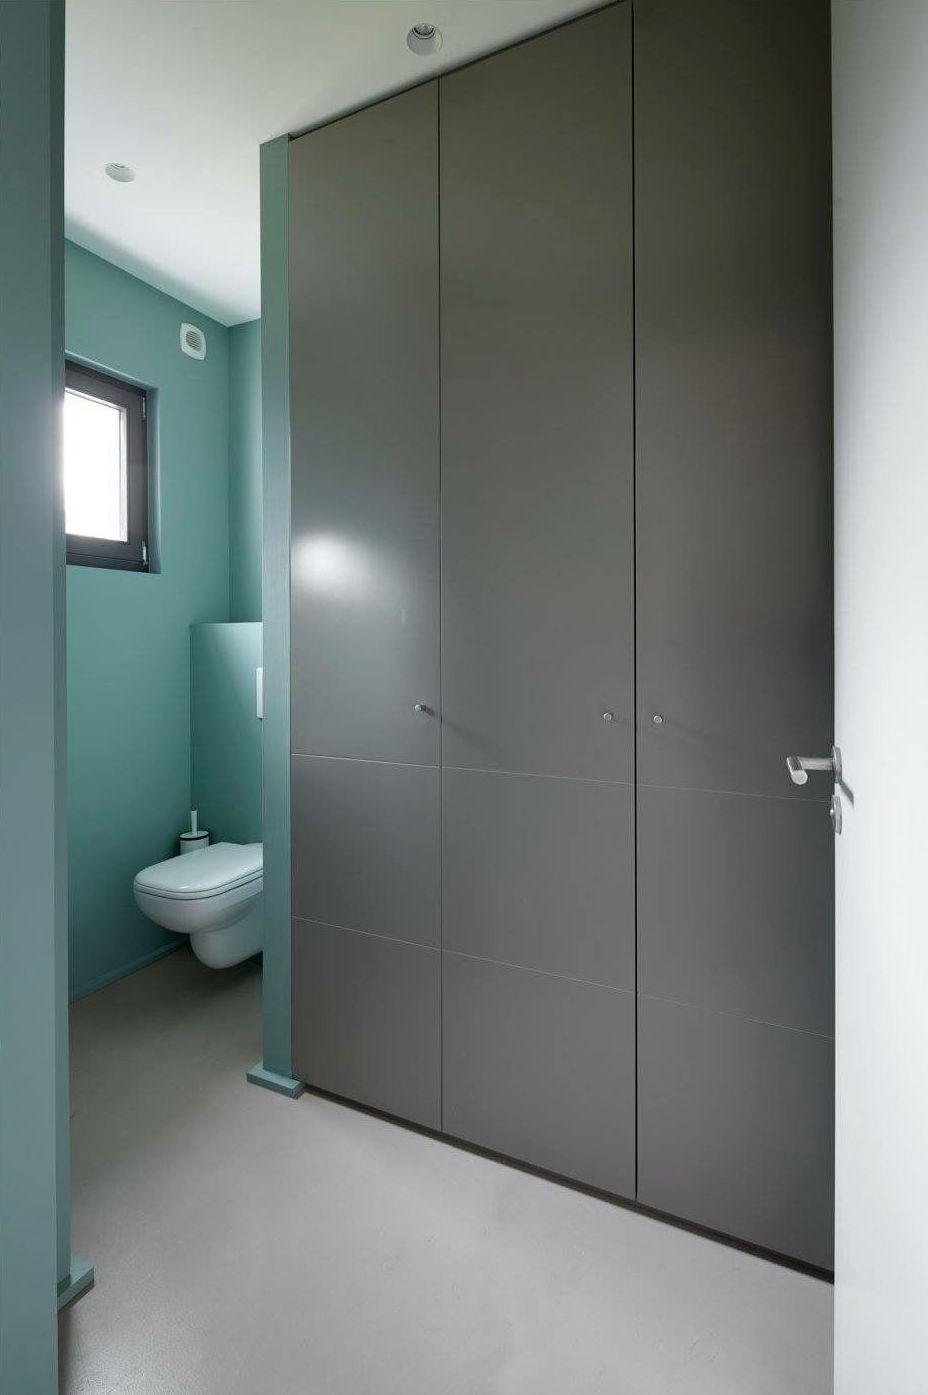 Color gris en los muebles, armario